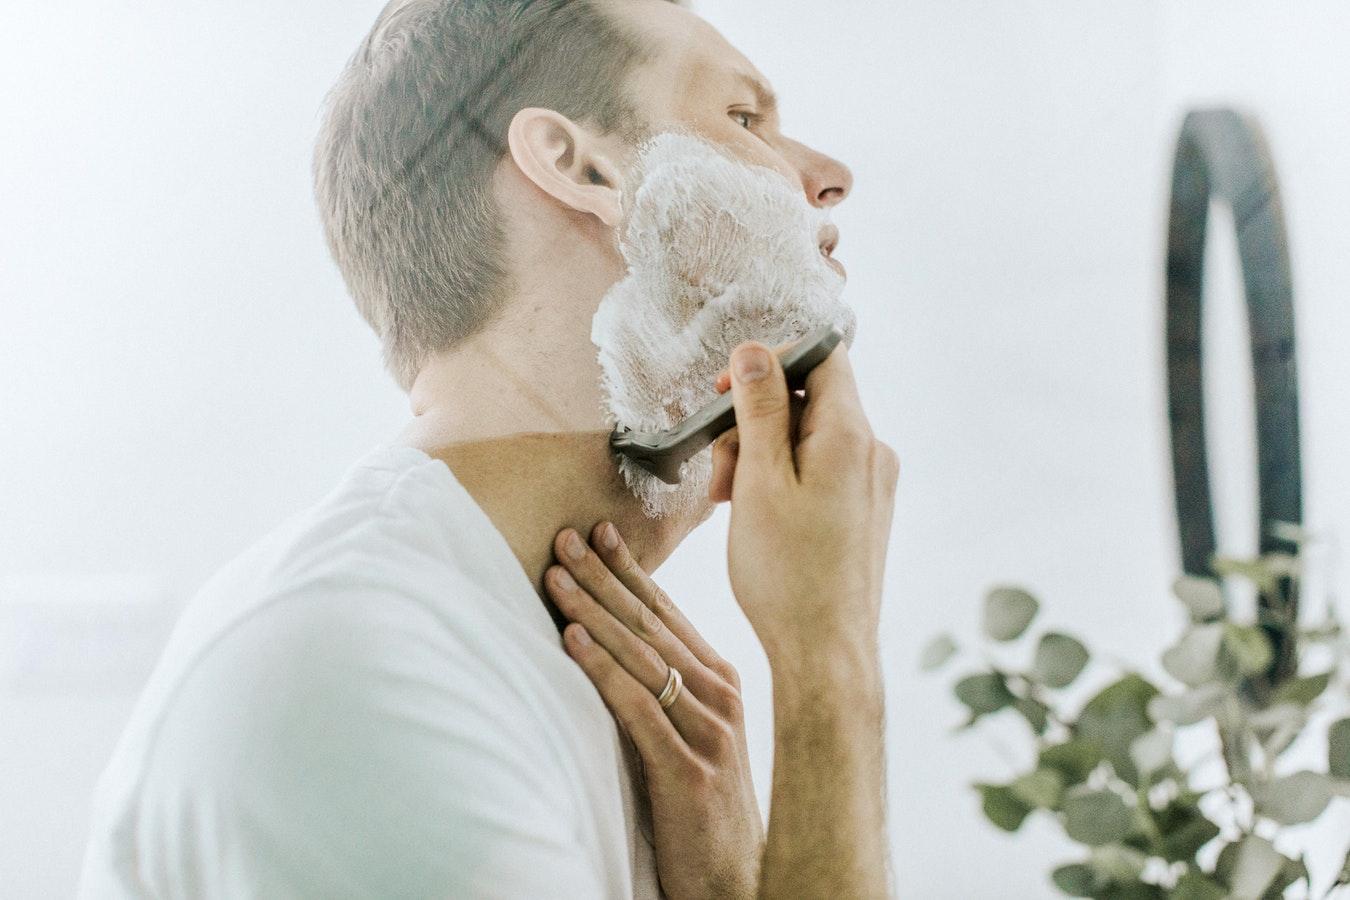 På udkig efter en barbermaskine eller et febertermometer til hjemmet? Så besøg Av-Cables.dk